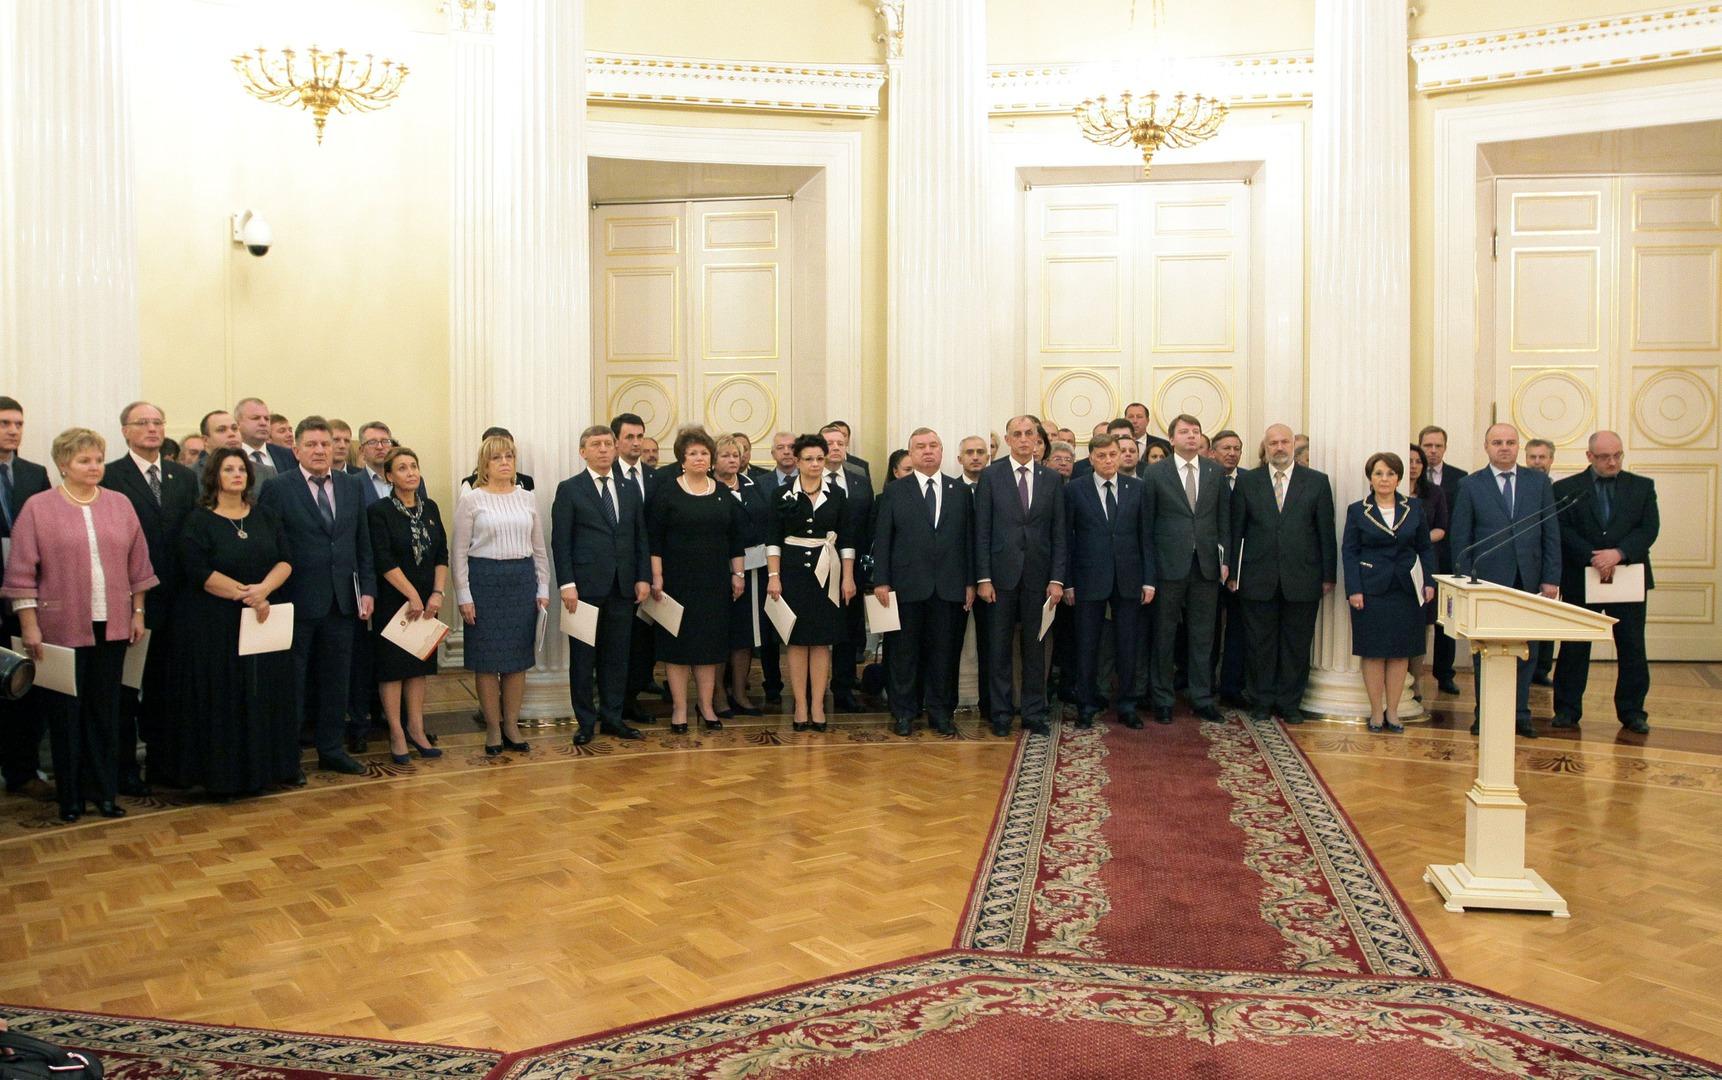 начала российской список всех депутатов с фото санкт петербург свадебный